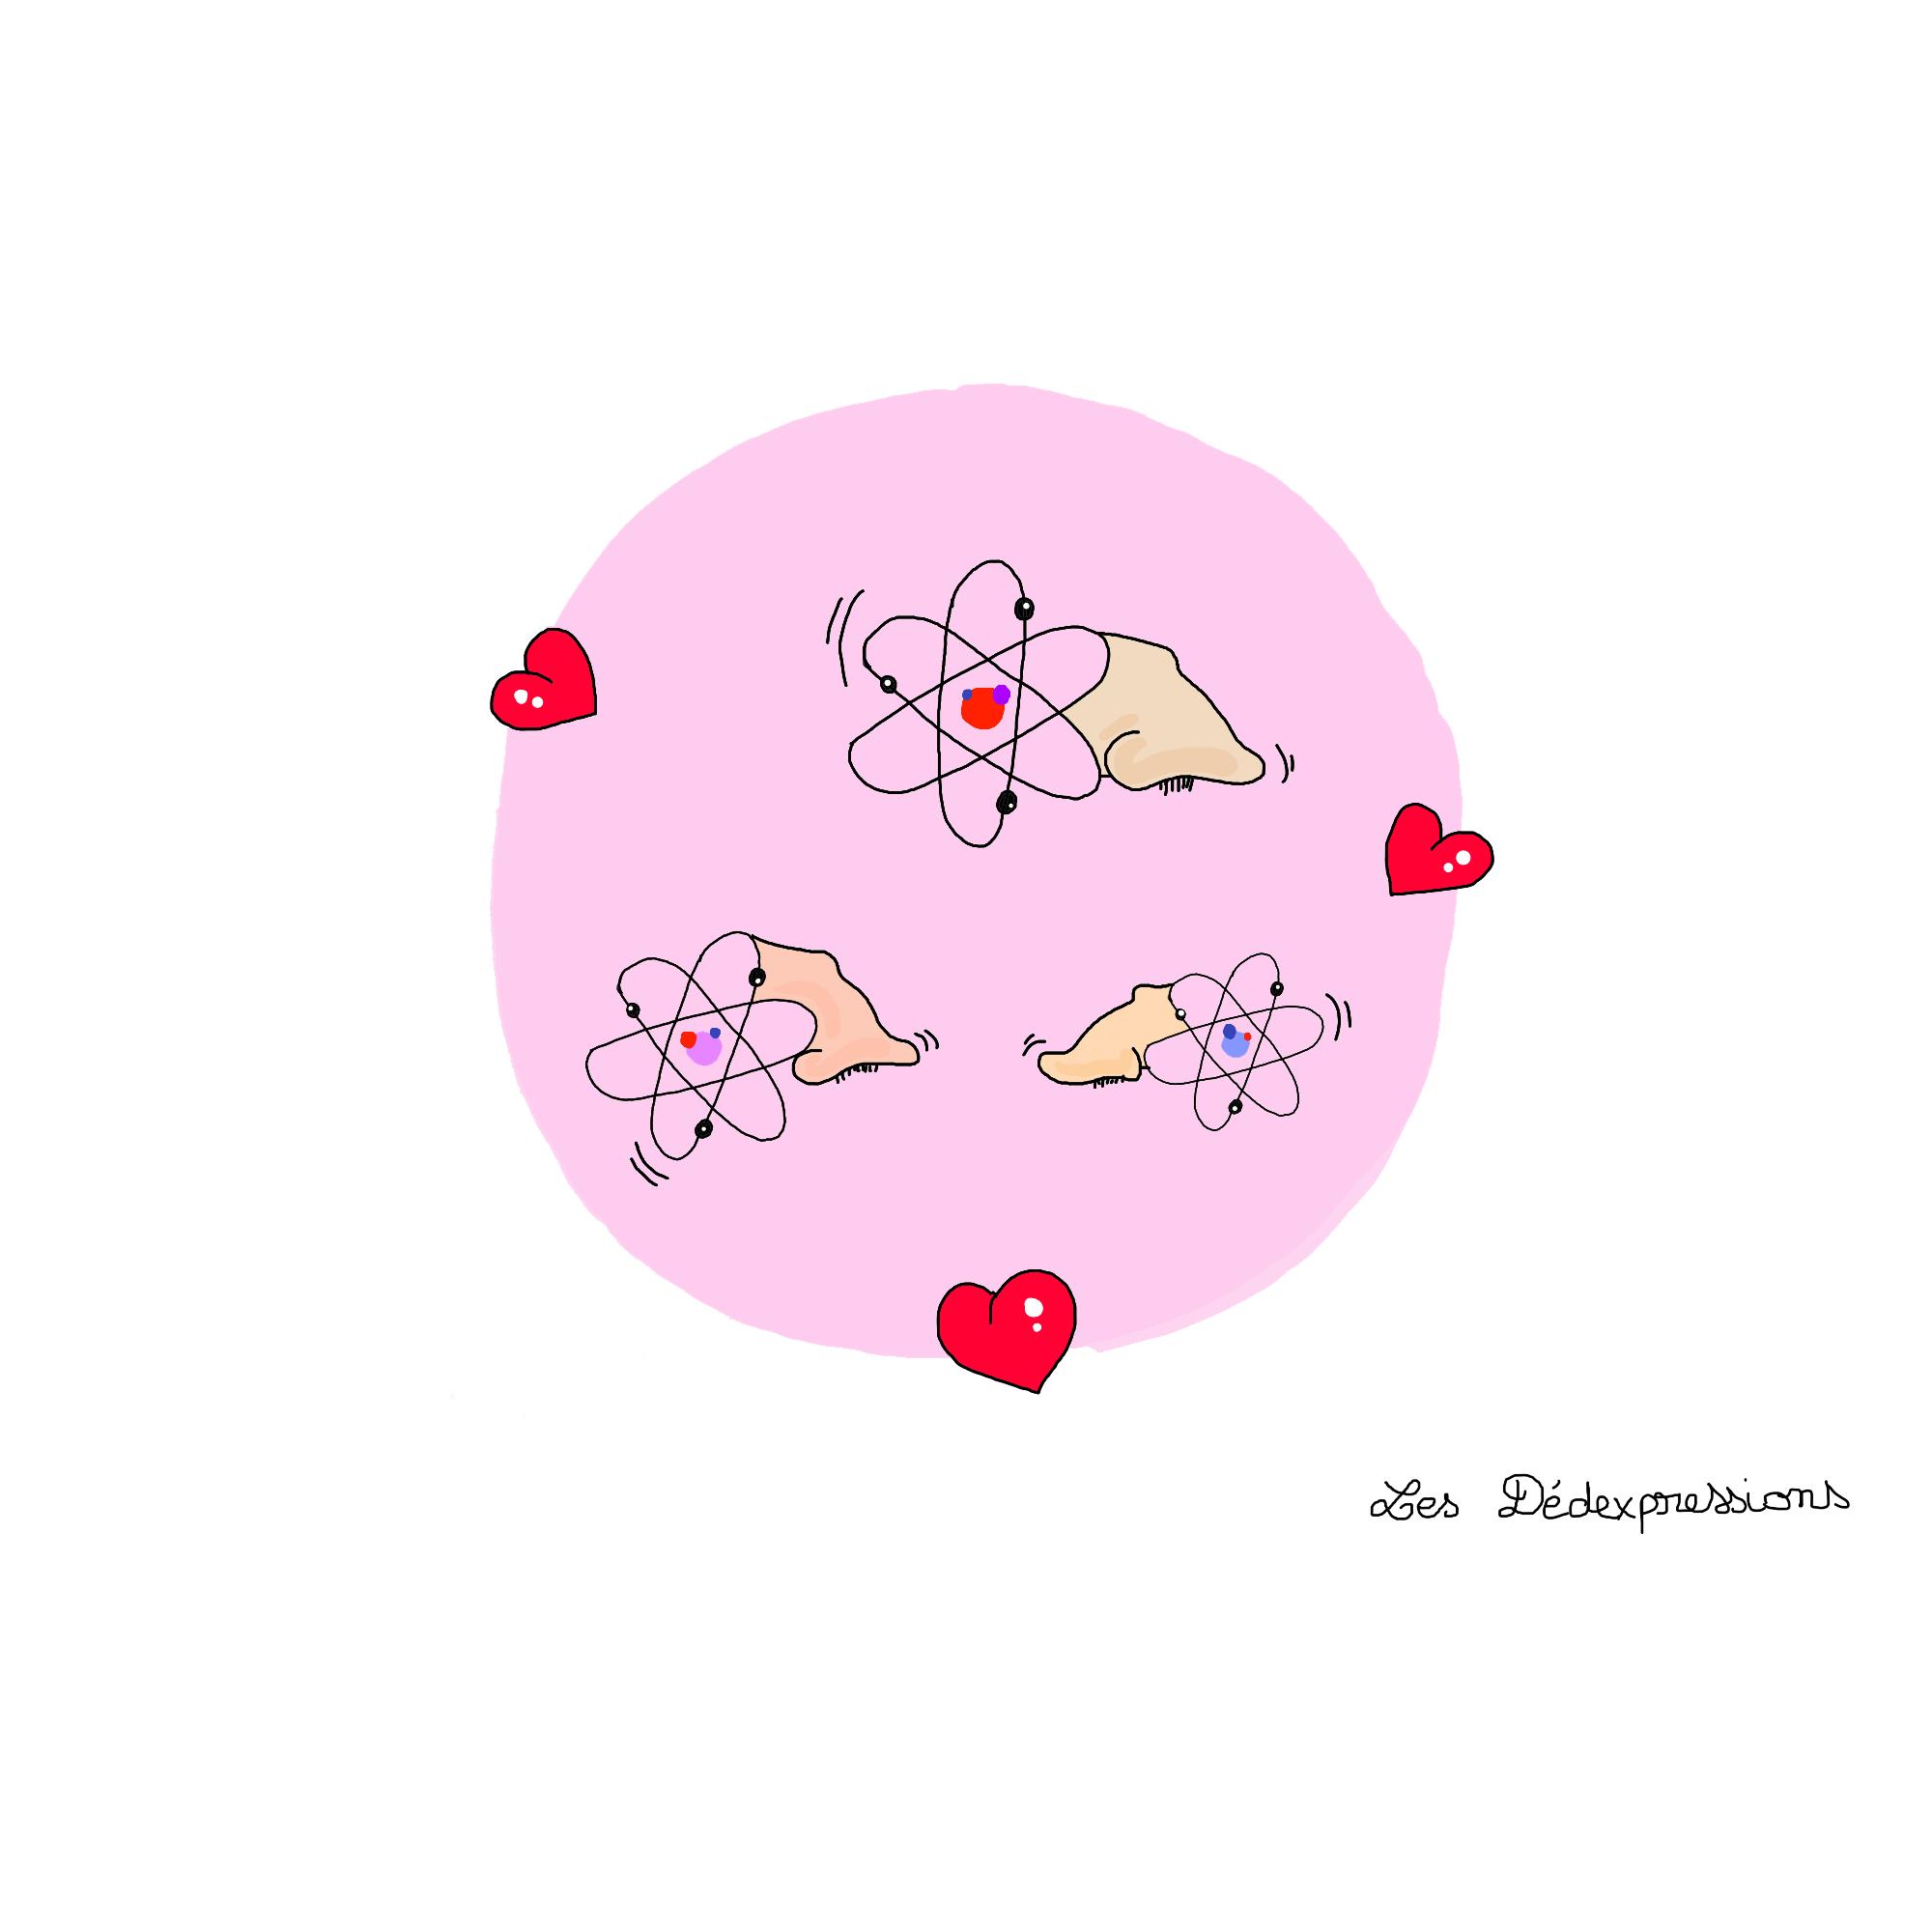 Avoir des atomes crochus Les Dédexpressions